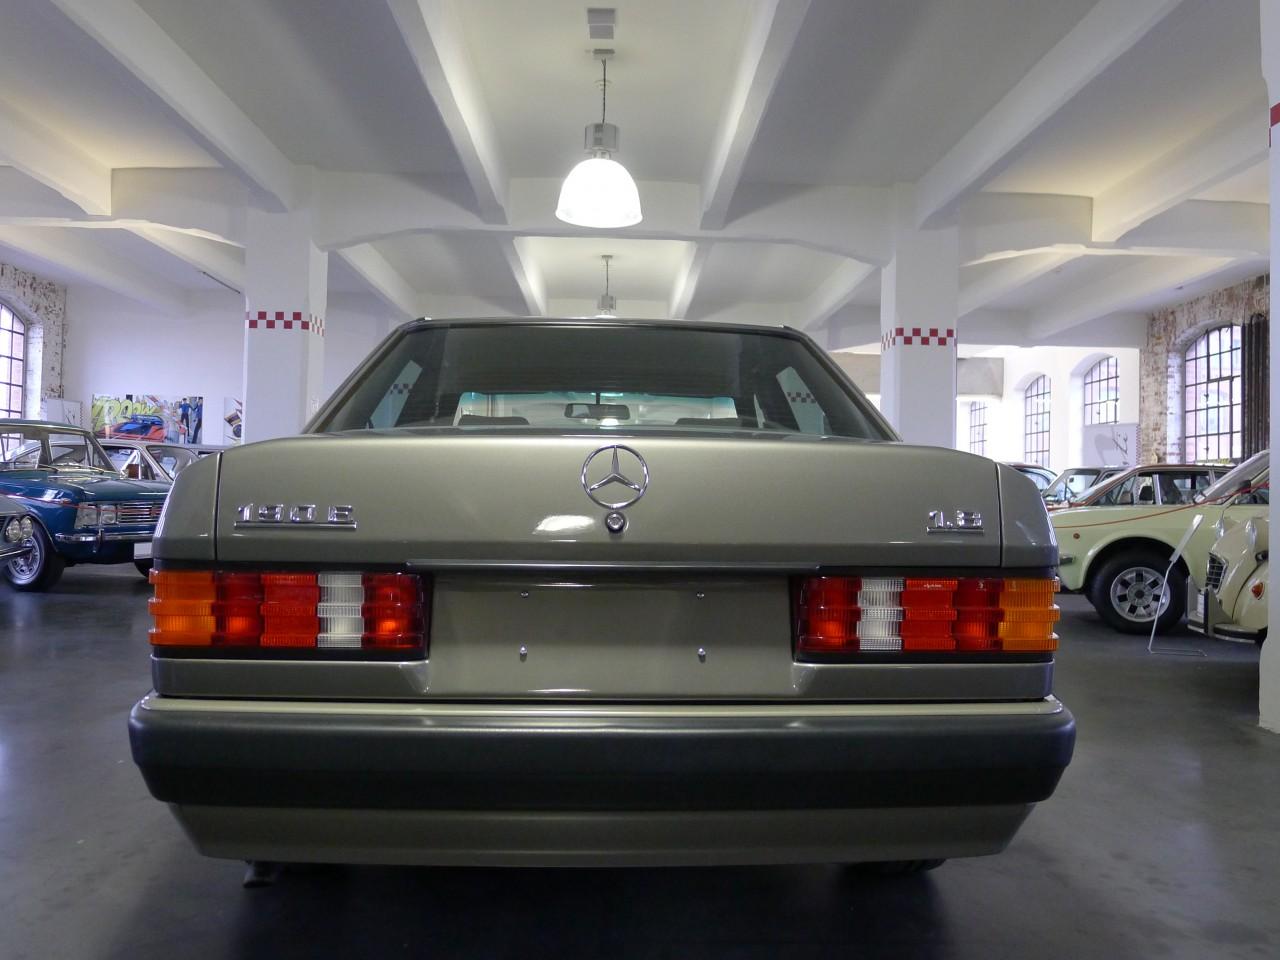 Mercedes Benz 190E 18 Movisti Classic Automobiles